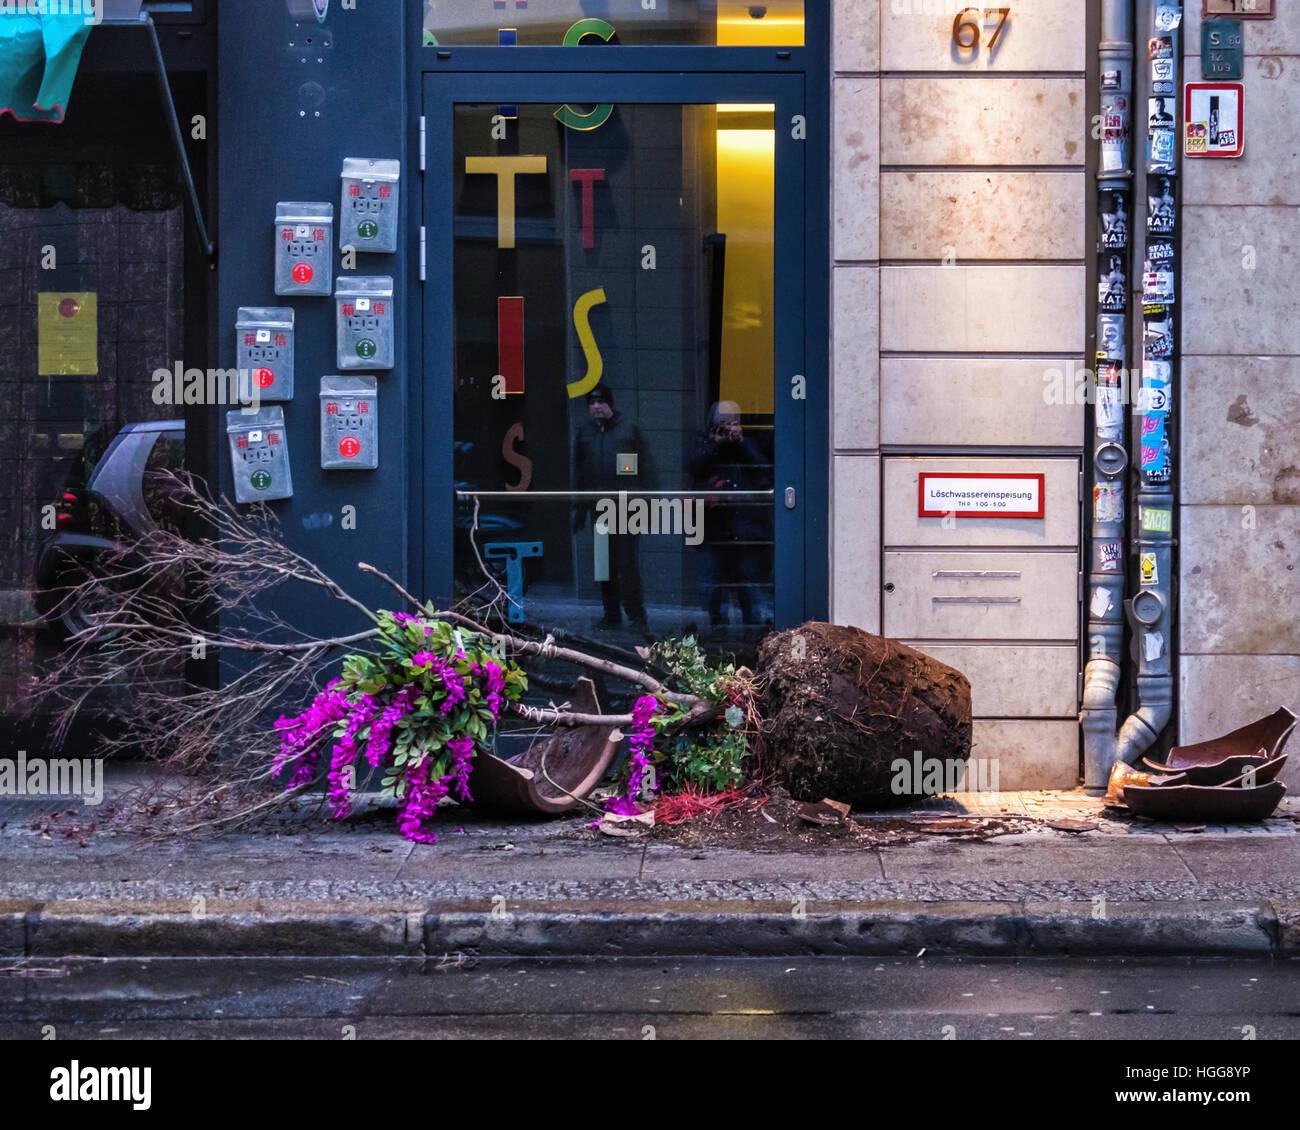 Berlín Mitte. El vandalismo. Destrozados, roto la maceta en el pavimento de las calles de la ciudad Foto de stock